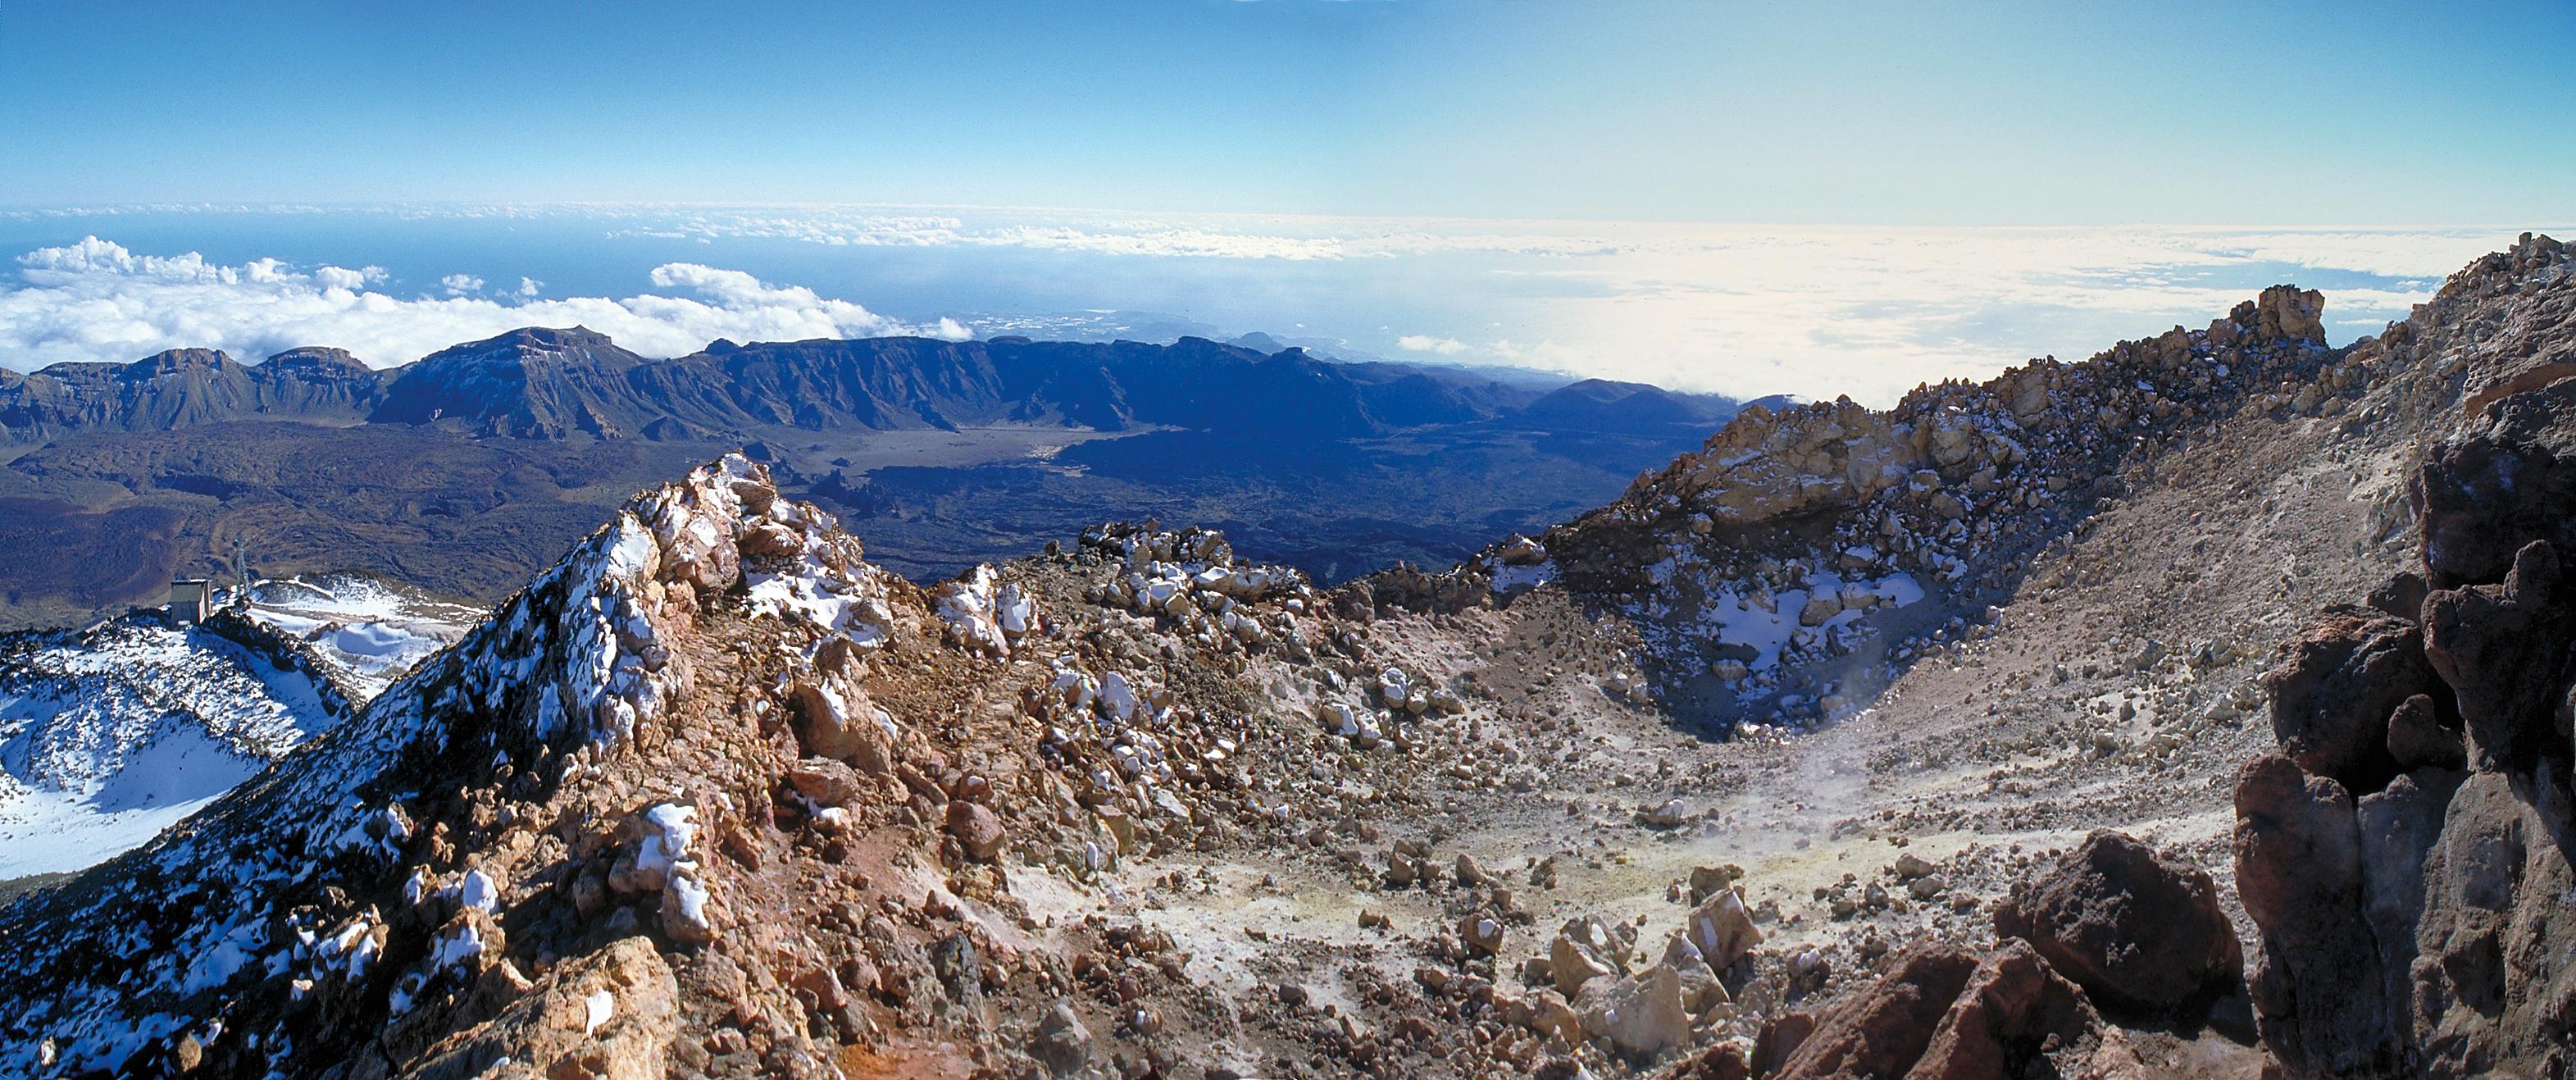 Alcune alternative per salire a piedi sul Teide senza permesso